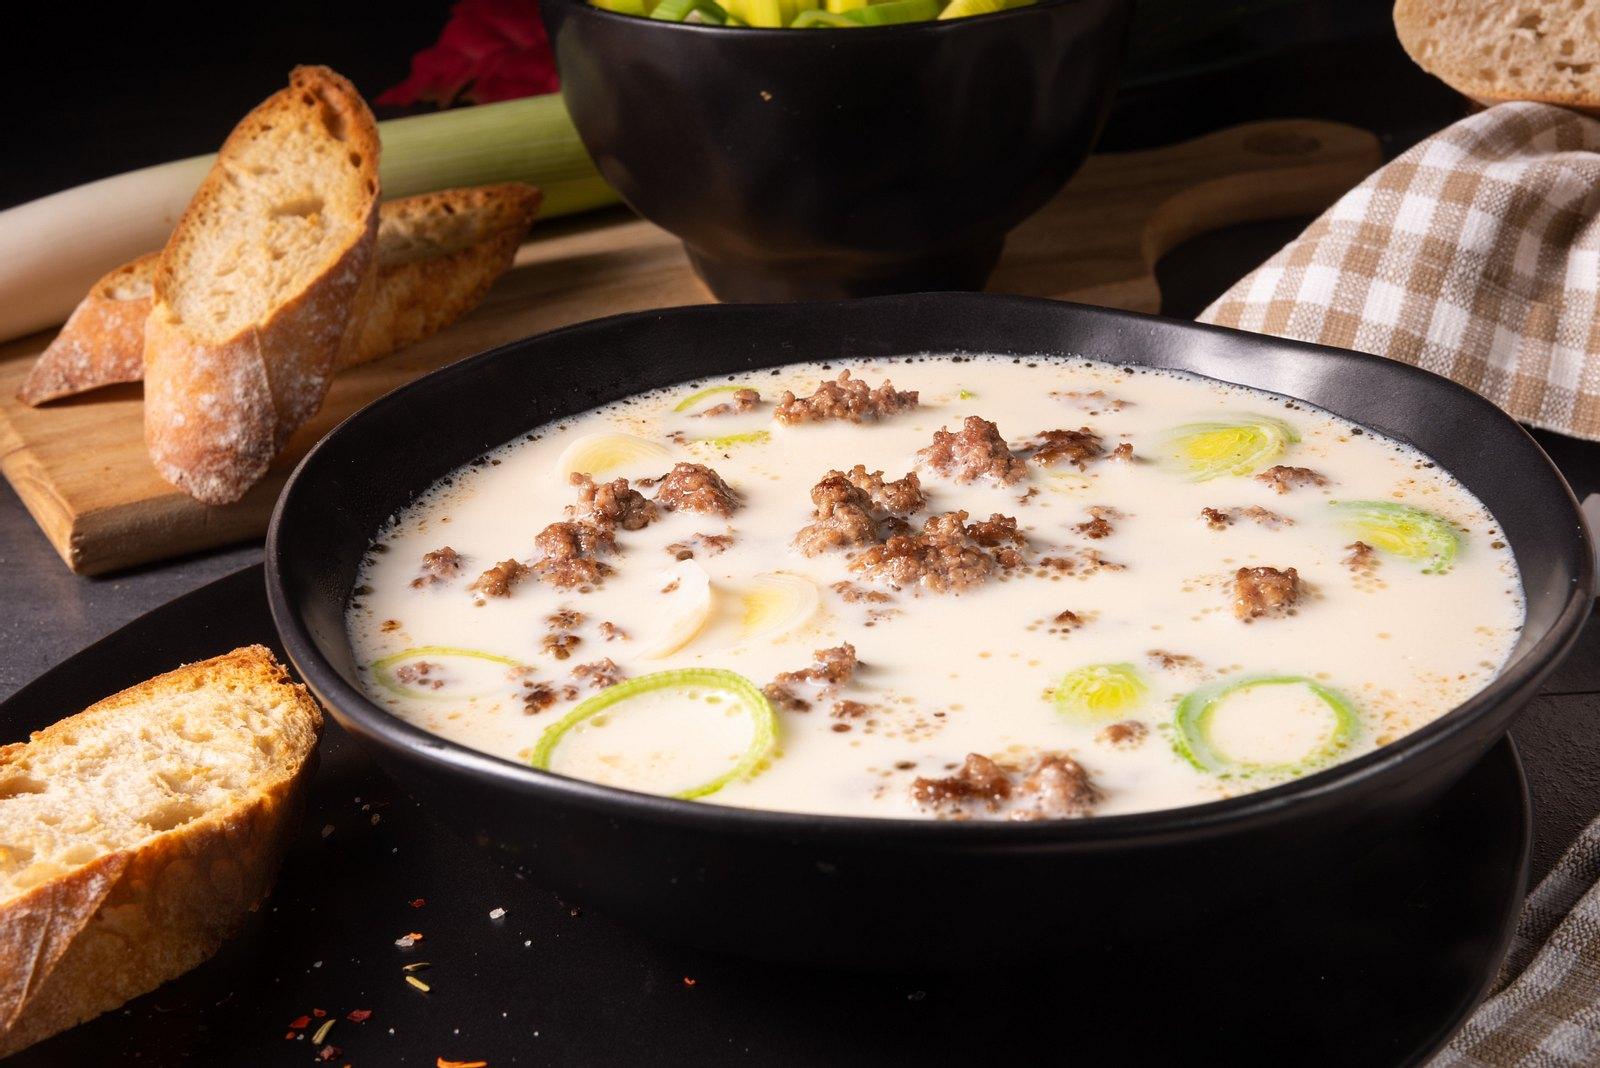 Käse-Lauch-Suppe mit Hackfleisch: Das einfache Rezept